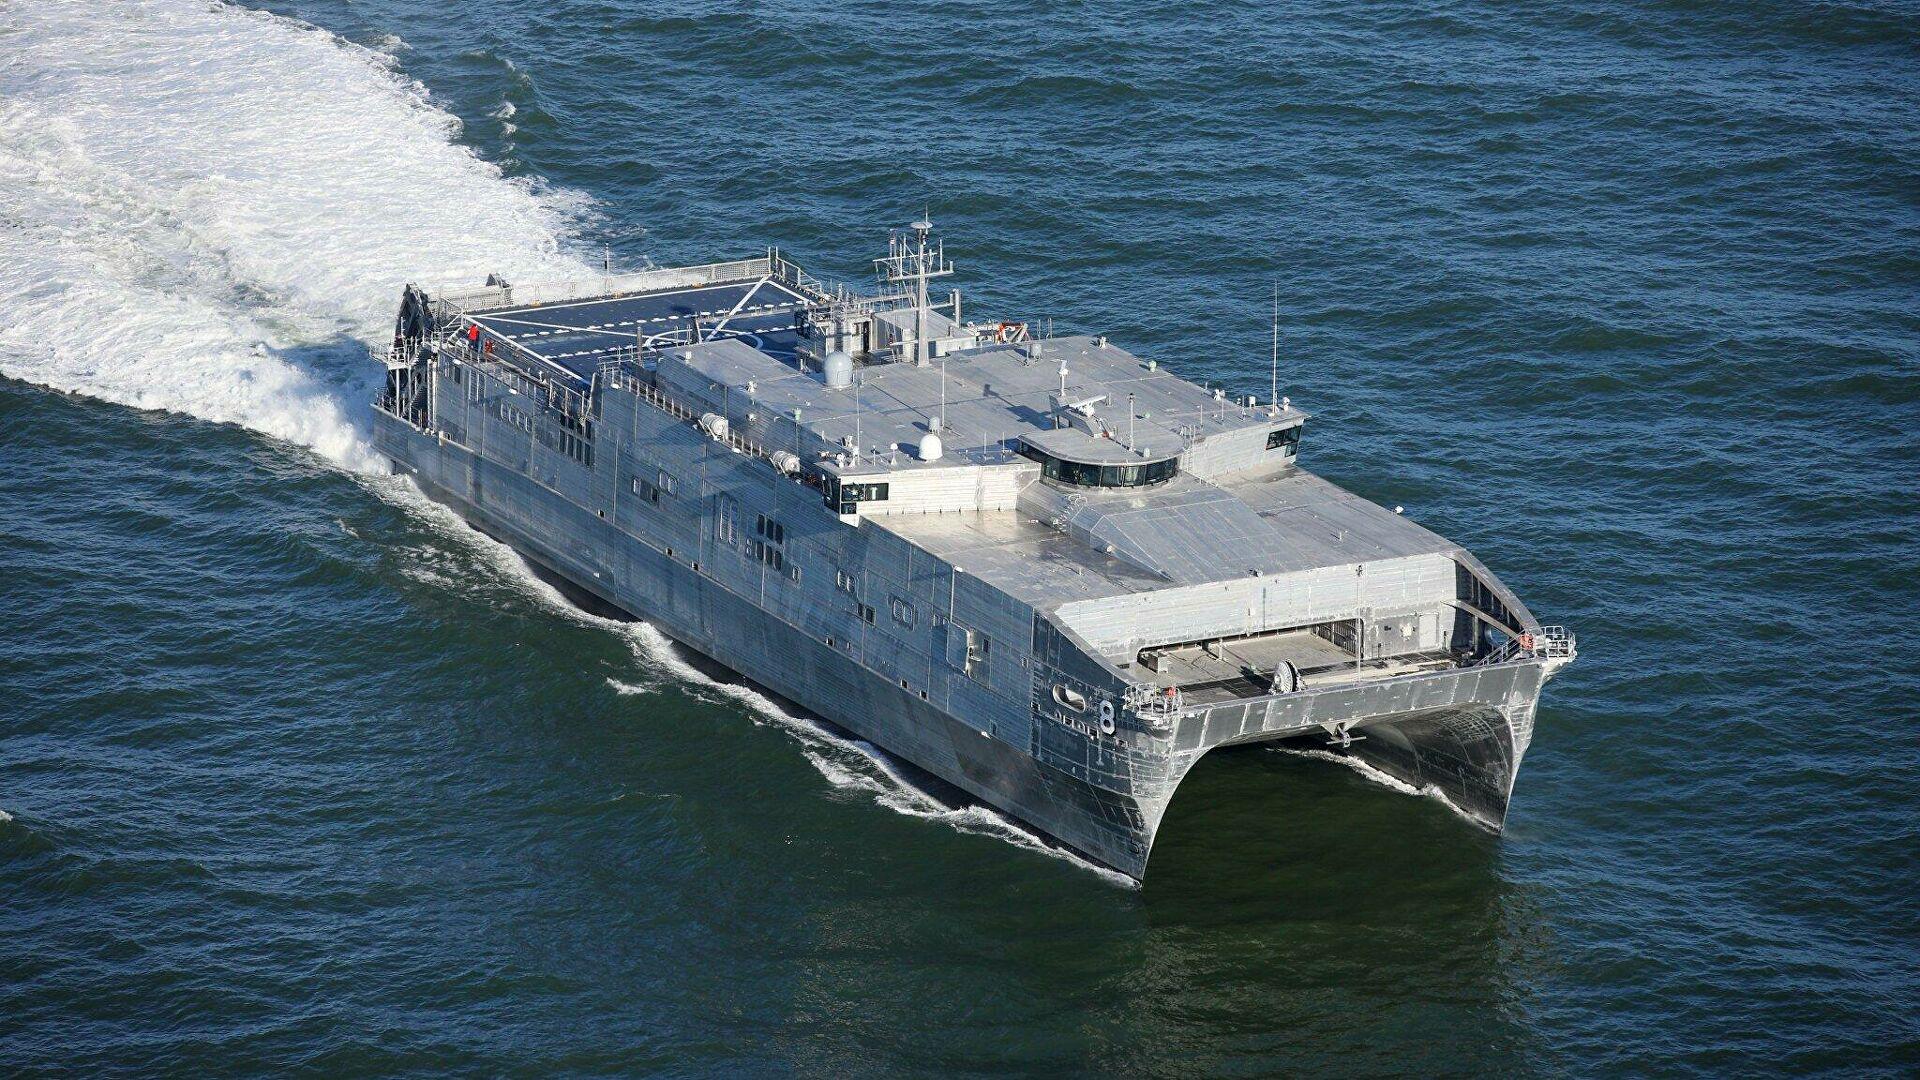 Второй за сутки. США направили военный корабль в Черное море